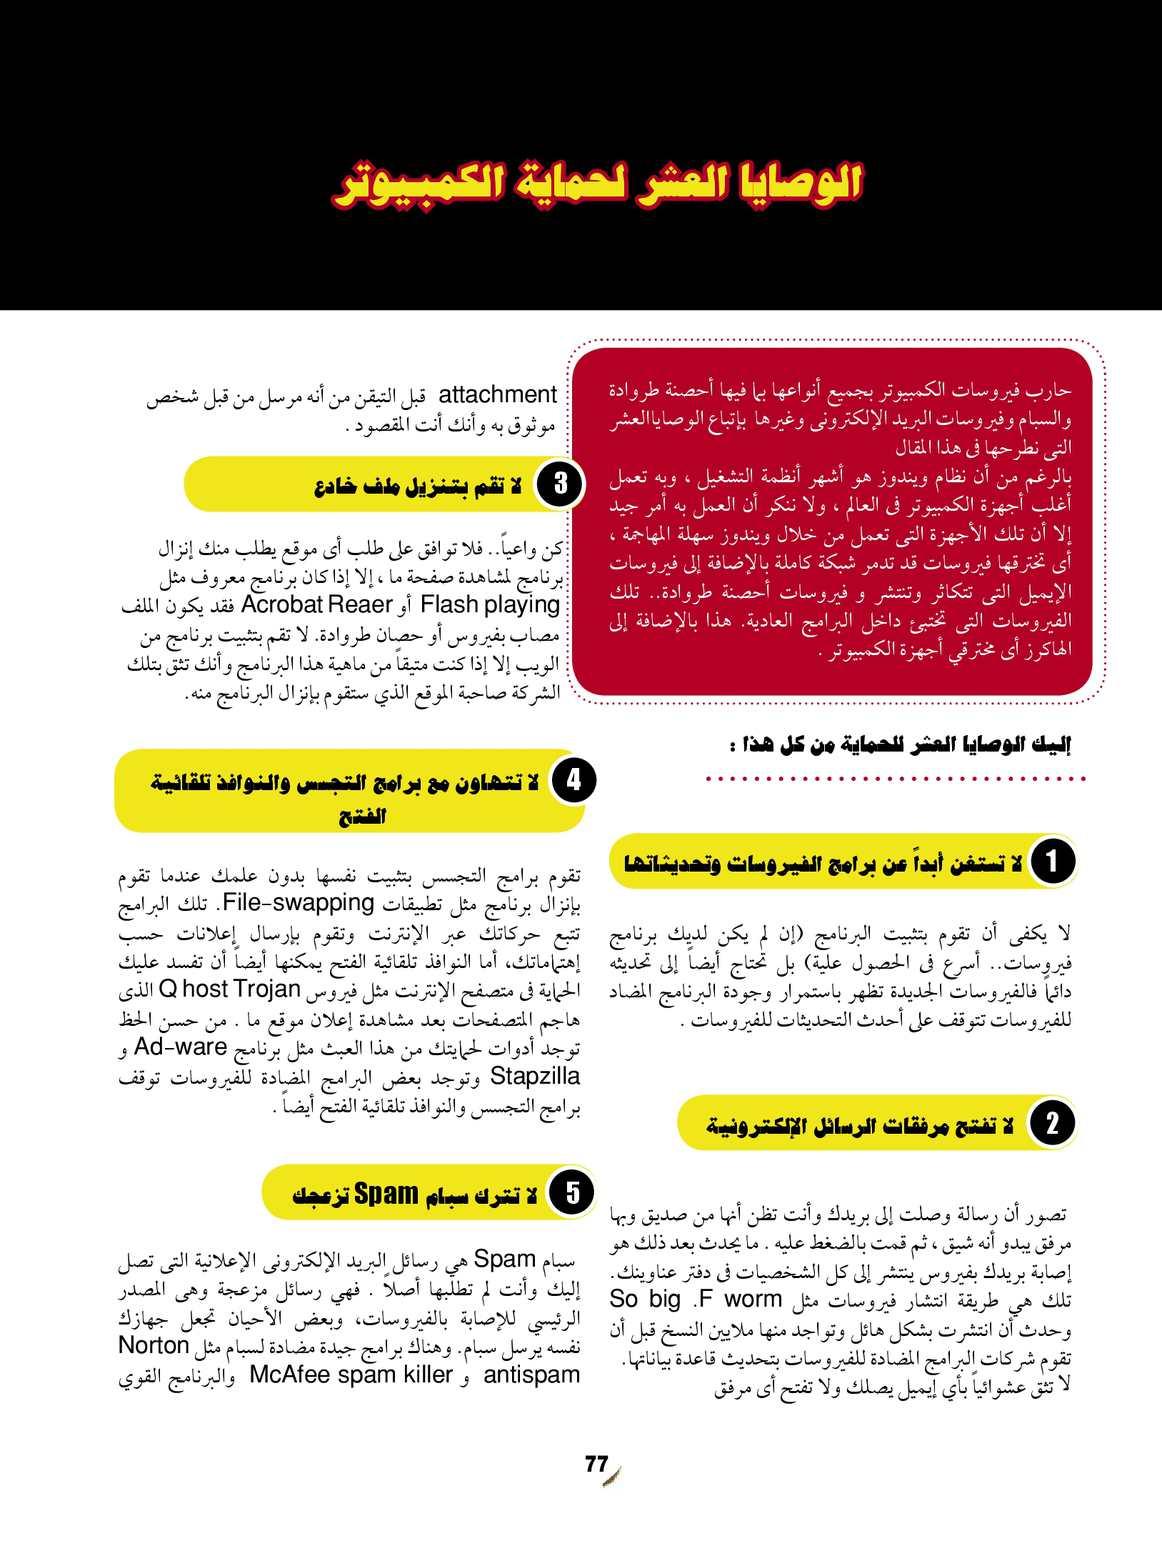 الوصايا العشر لحماية الكمبيوتر مقدم من طه ويب